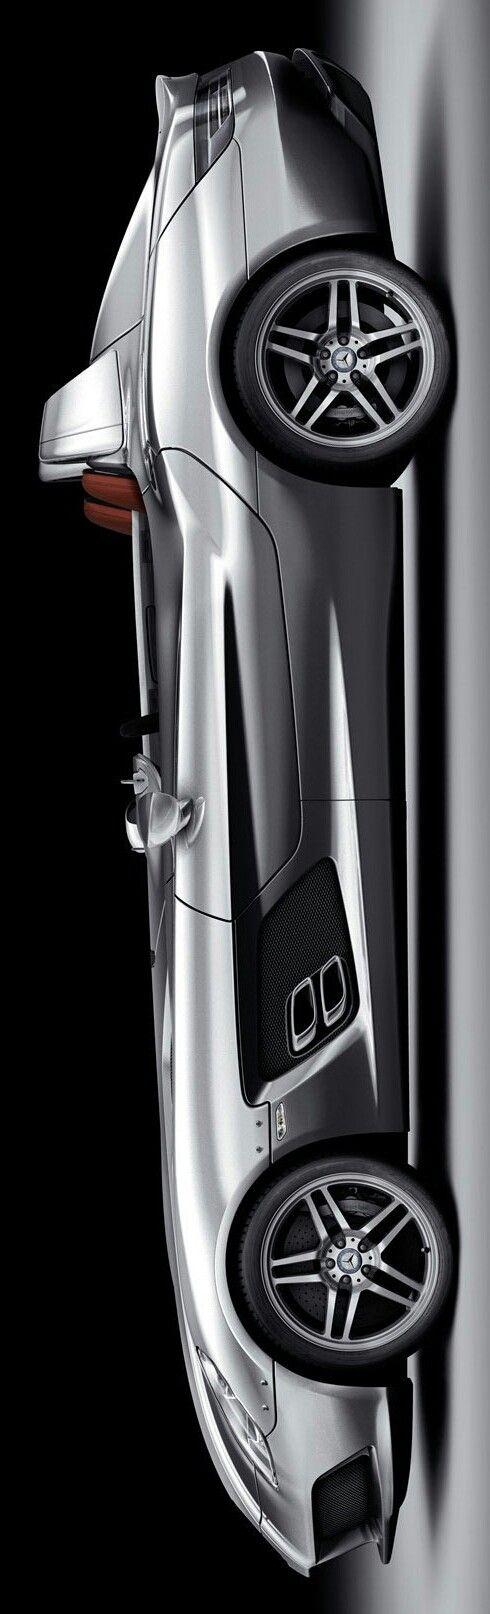 Mercedes-Benz SLR McLaren by Levon